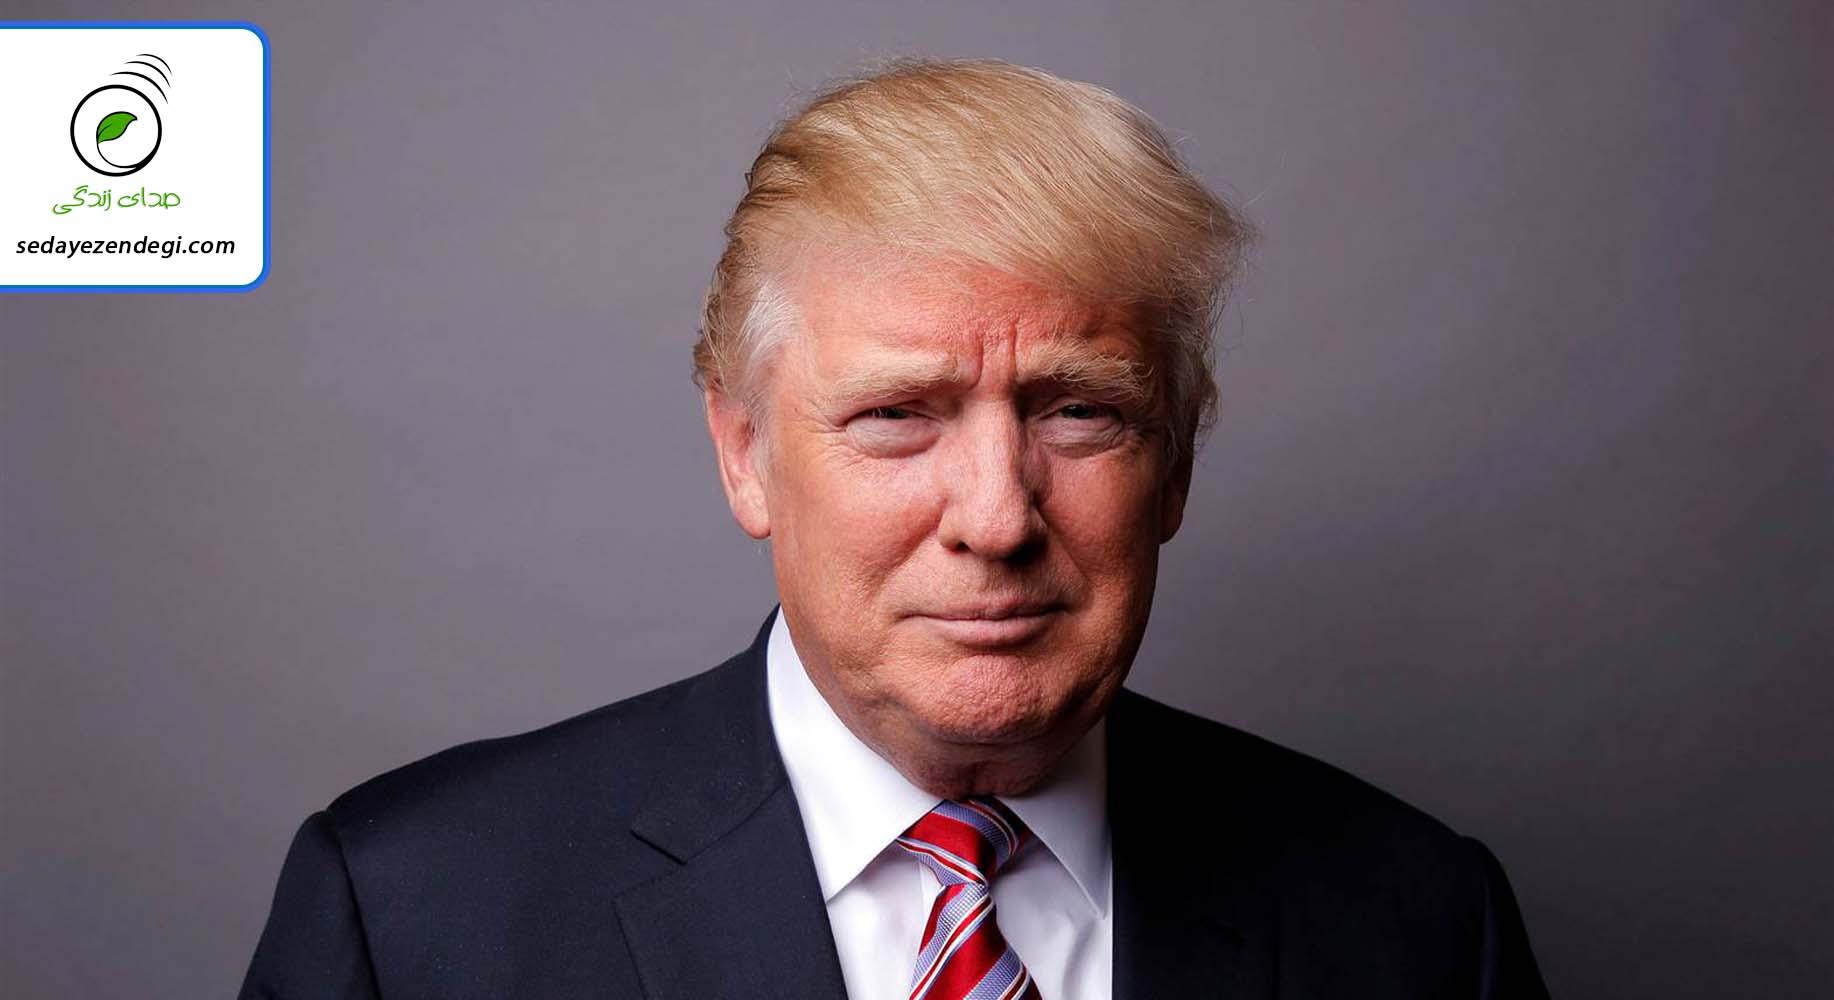 اختلال های روانشناسی که دونالد ترامپ به آن دچار است